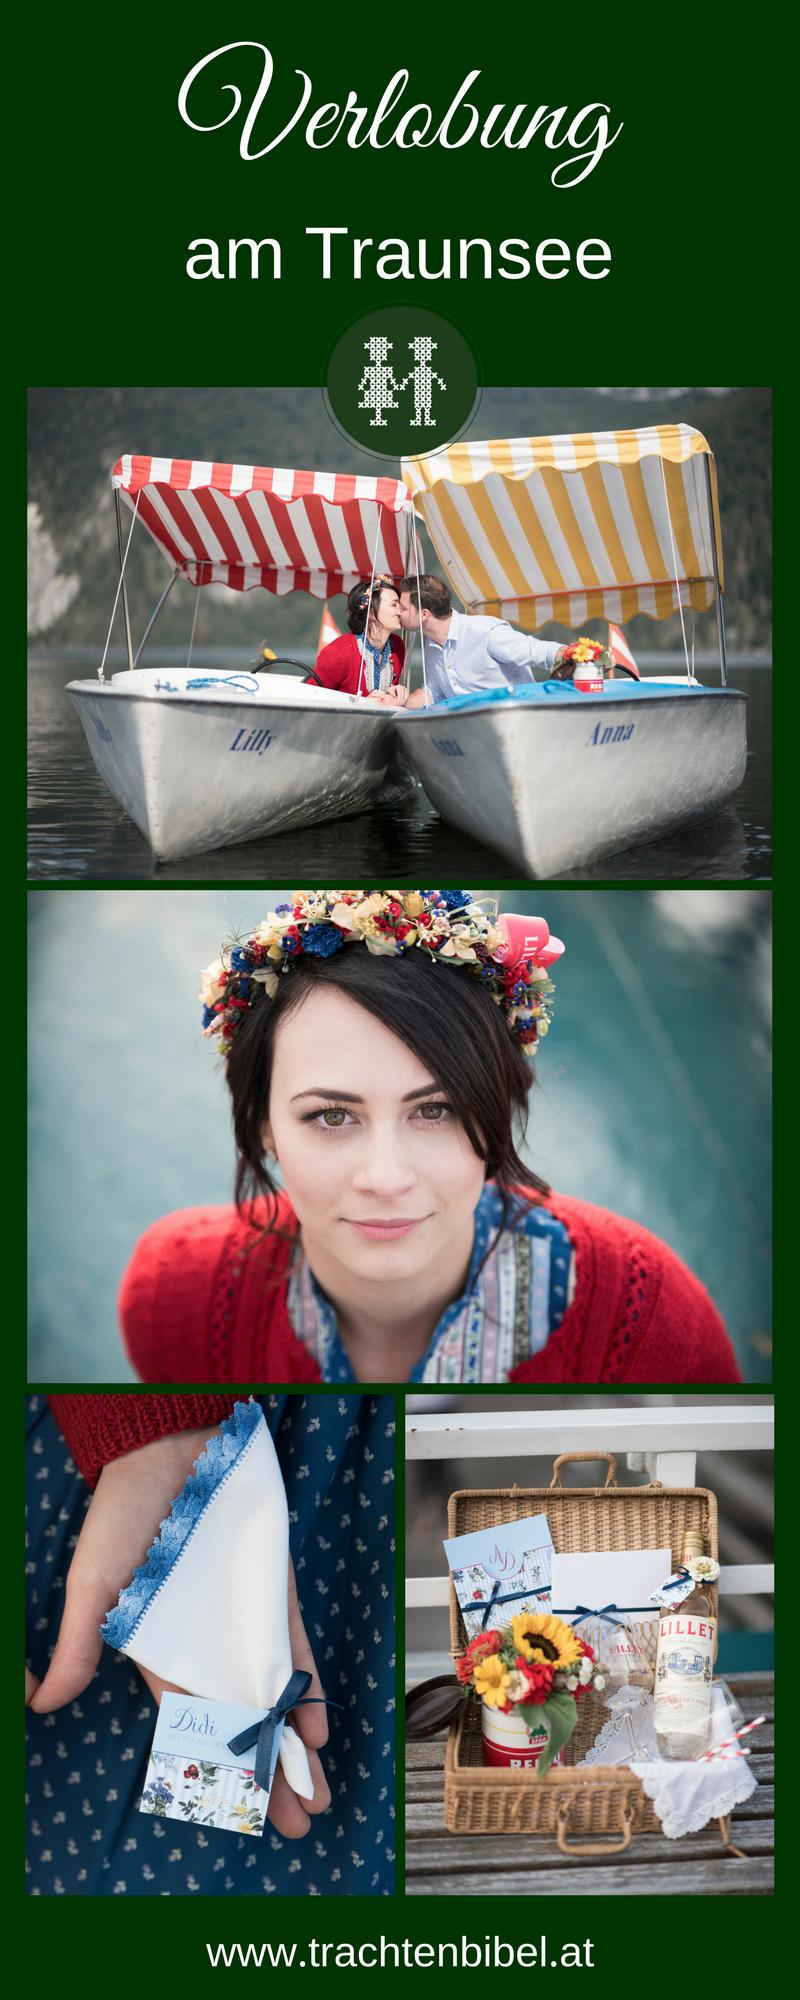 Verlobung am Traunsee Boote, Braut Taschentücher und Picknickkorb